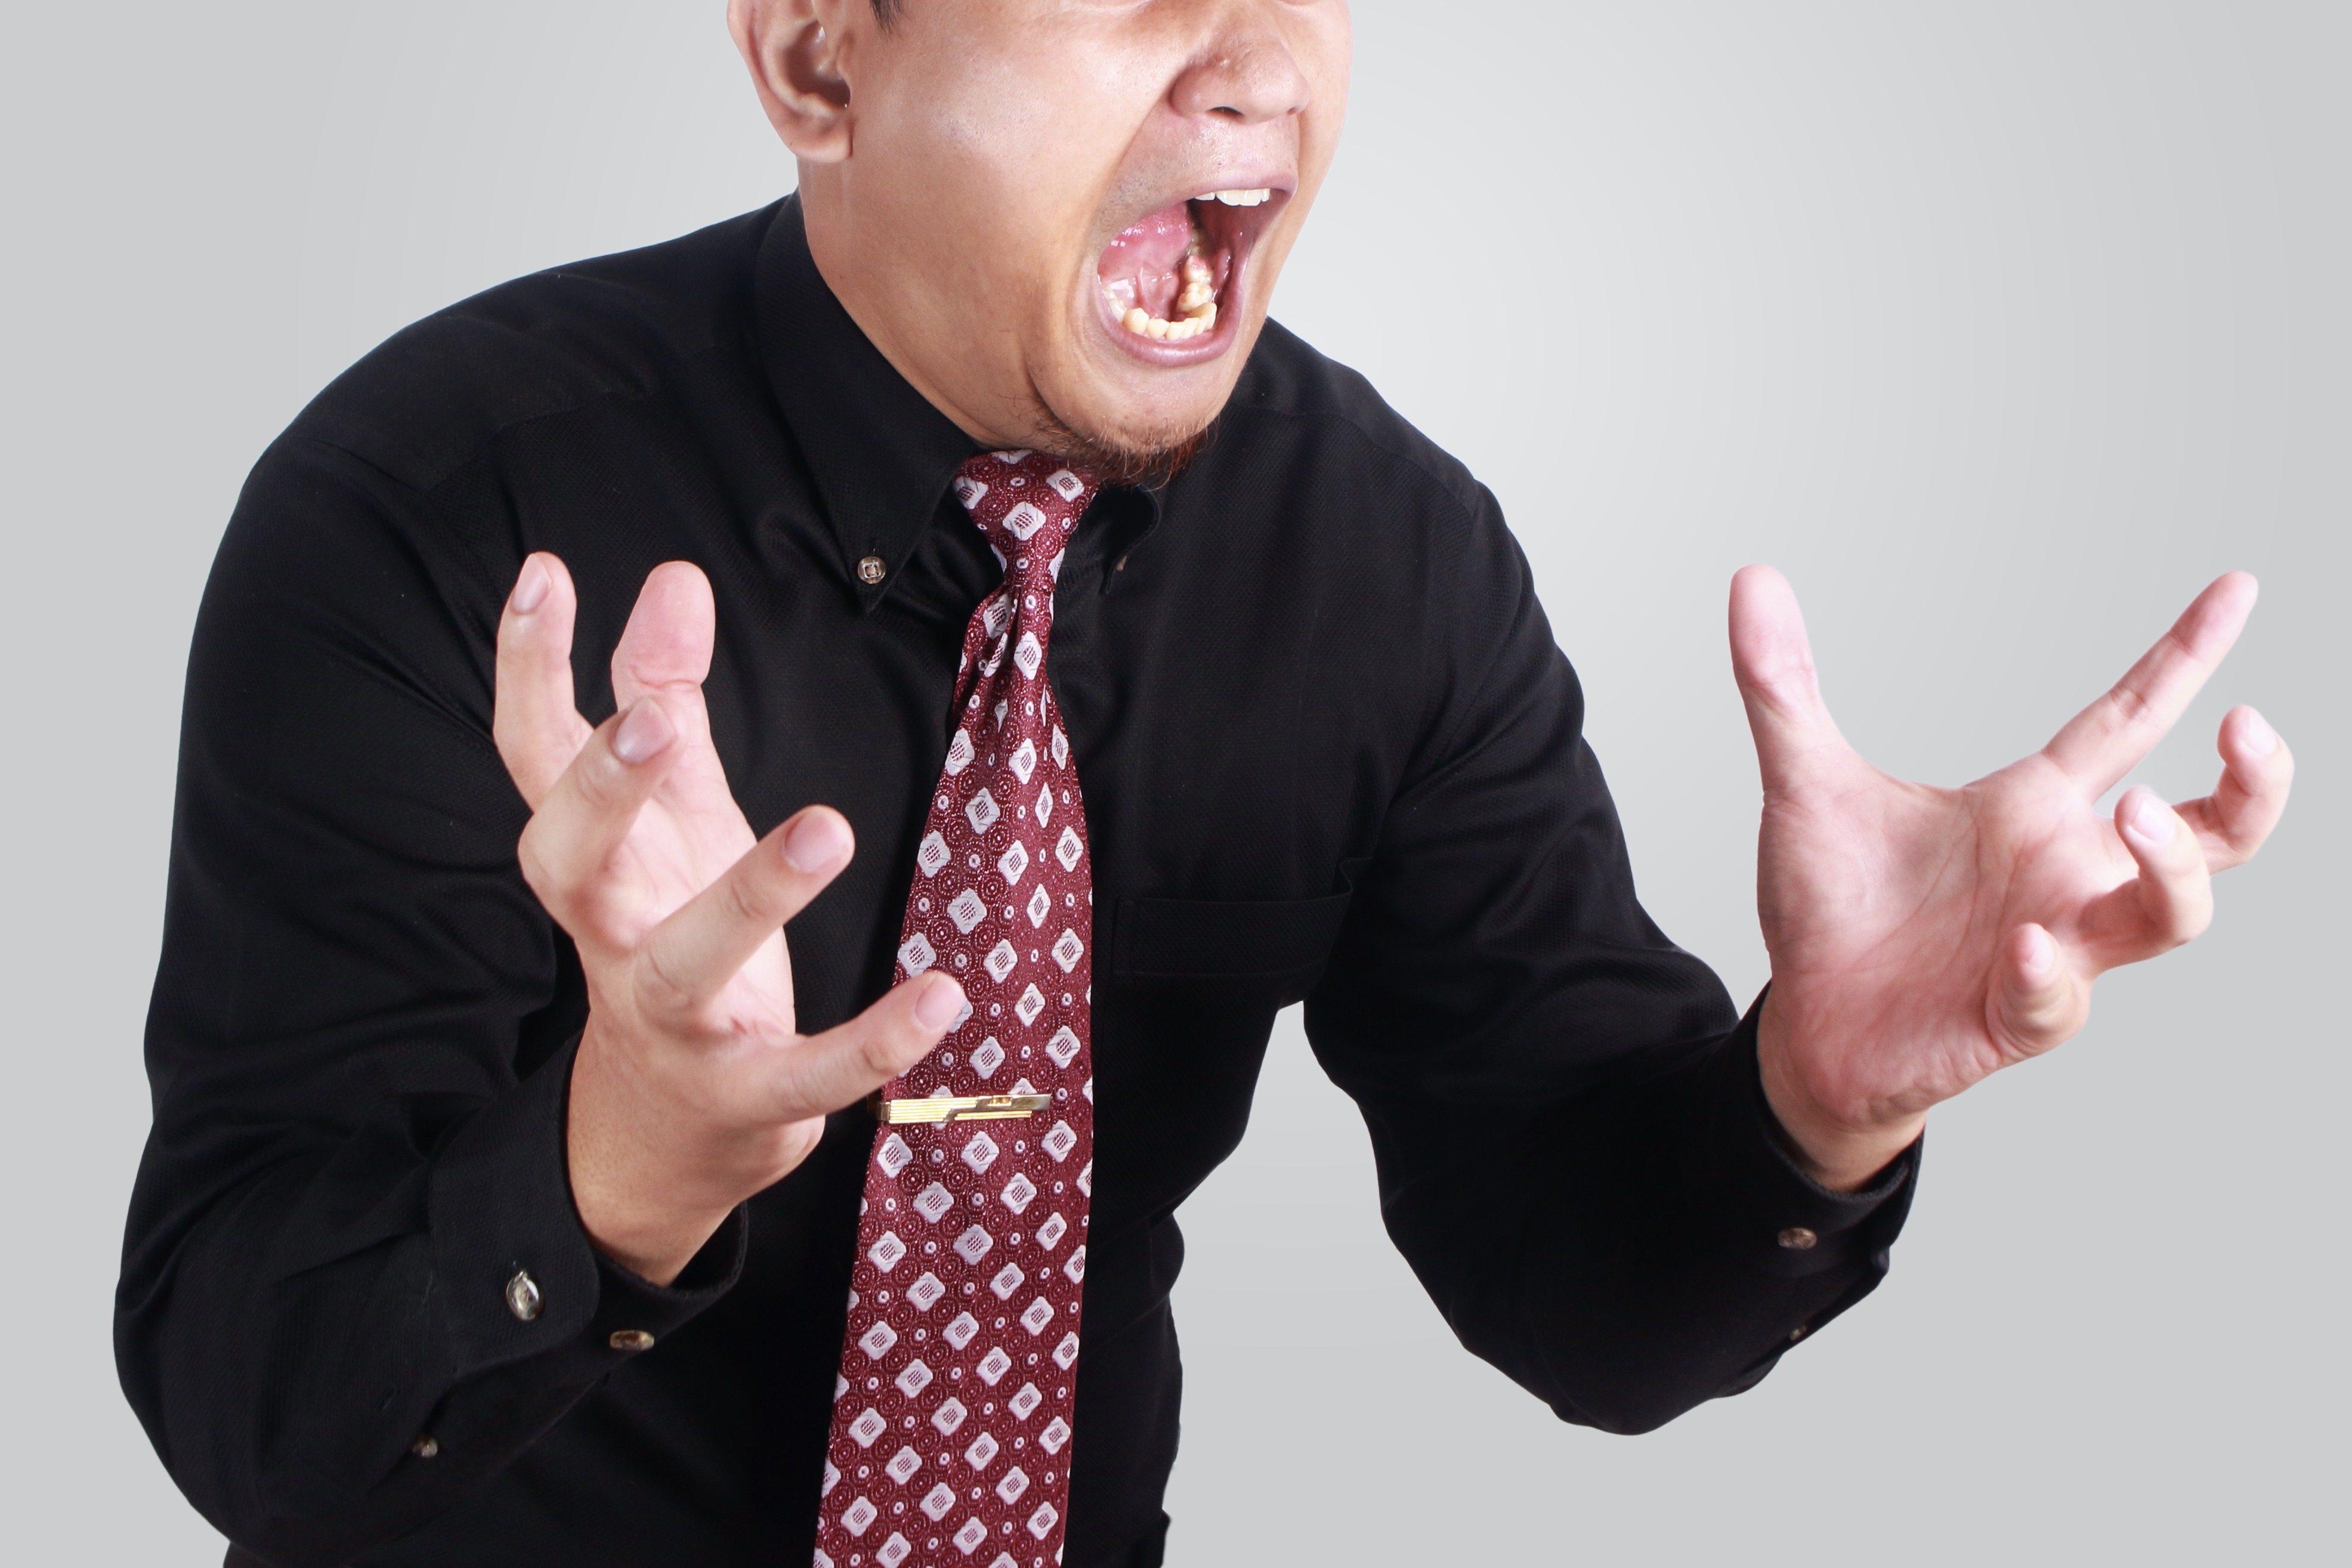 激怒する男性